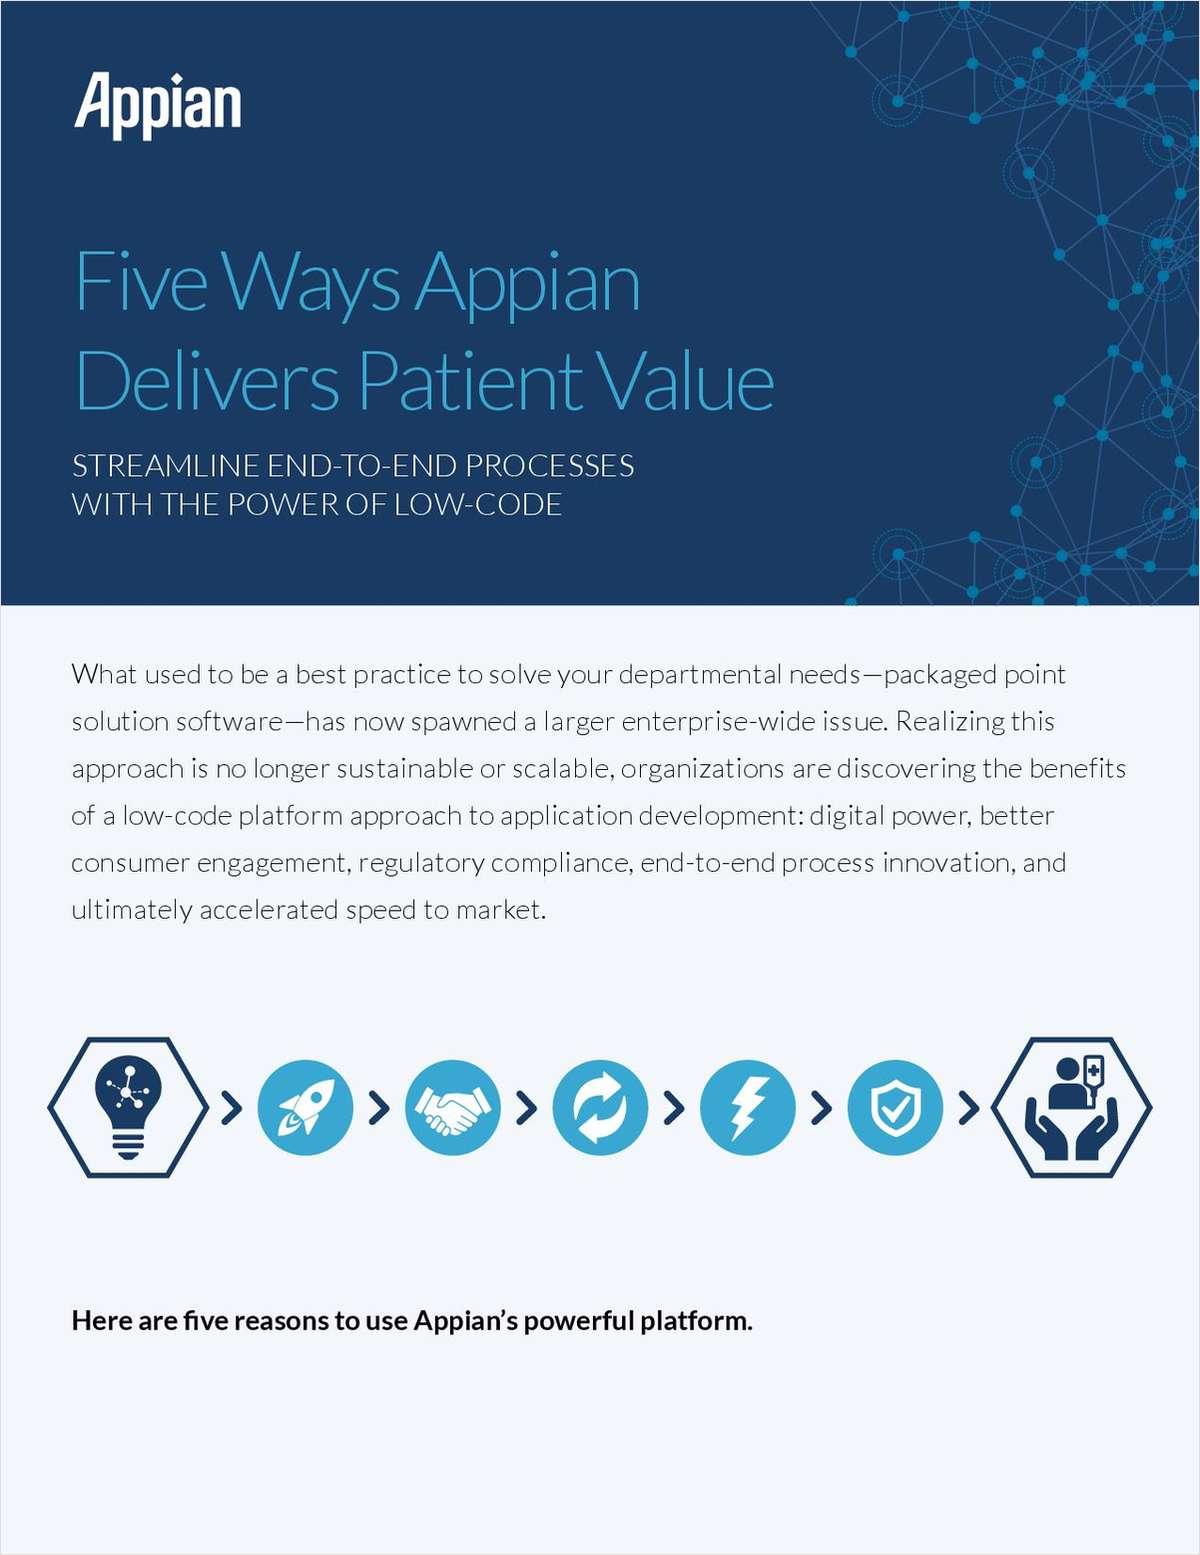 Five Ways Appian Delivers Patient Value